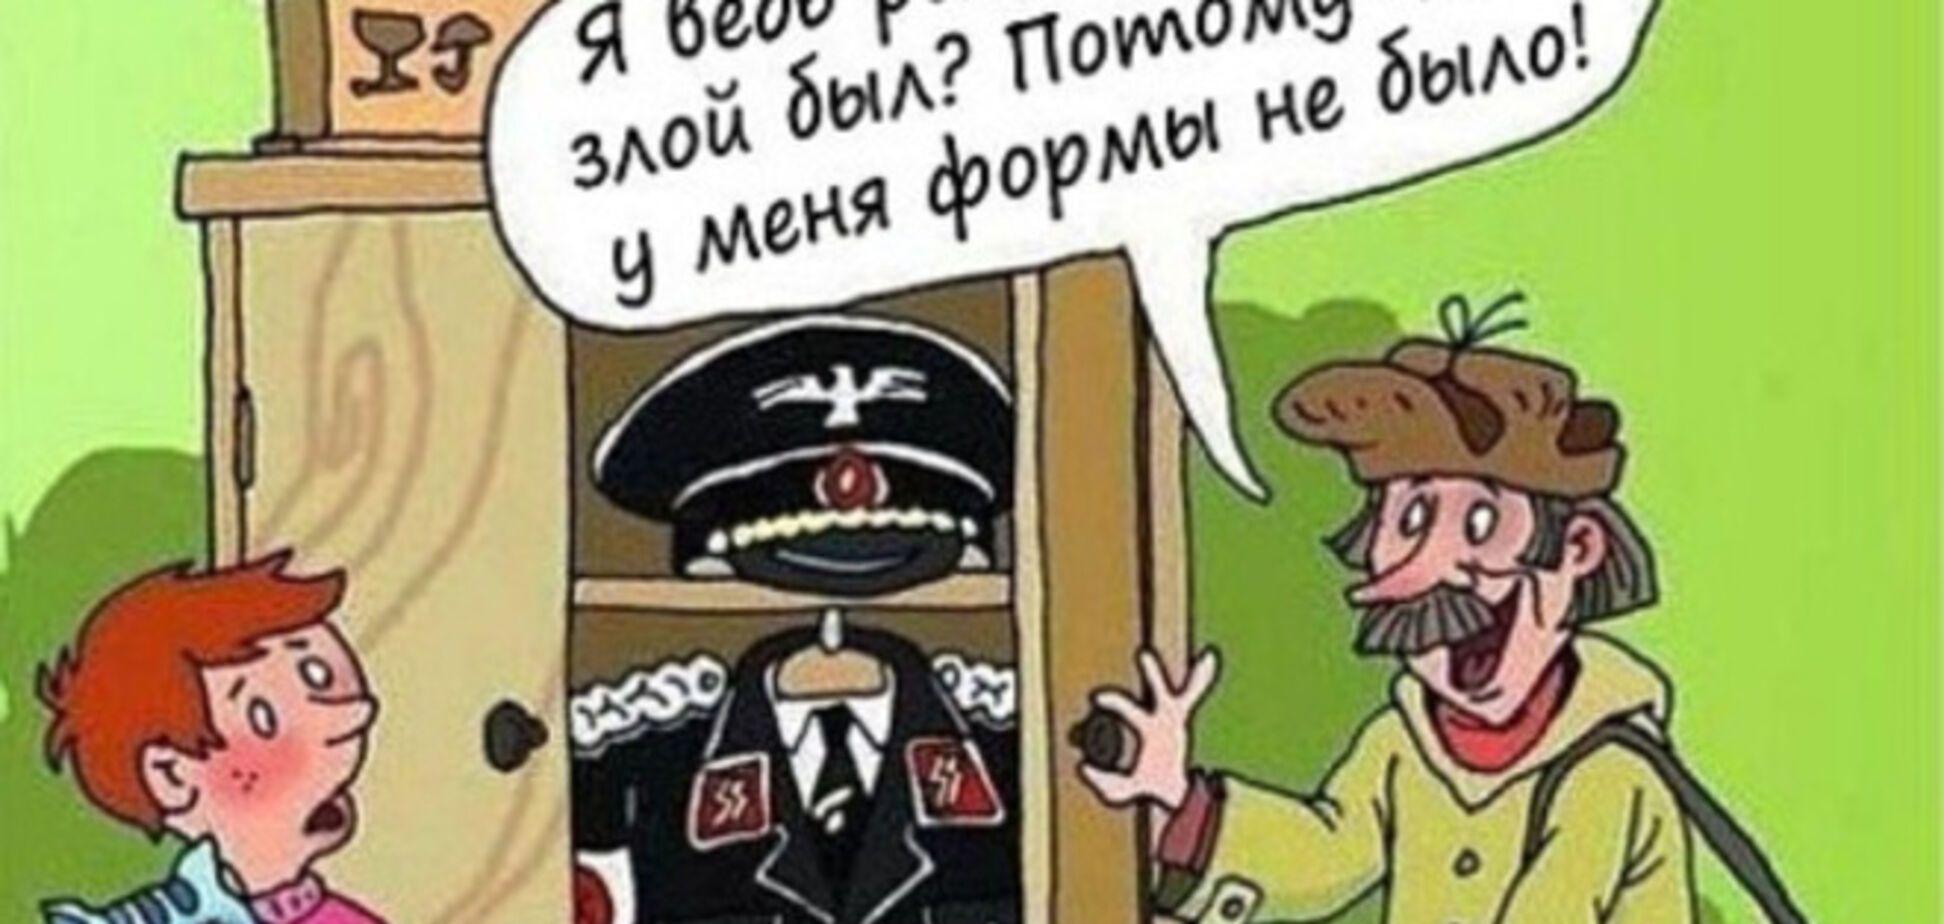 У мережі з'явилися фотожаби на 'нацистську форму' 'Пошти Росії'